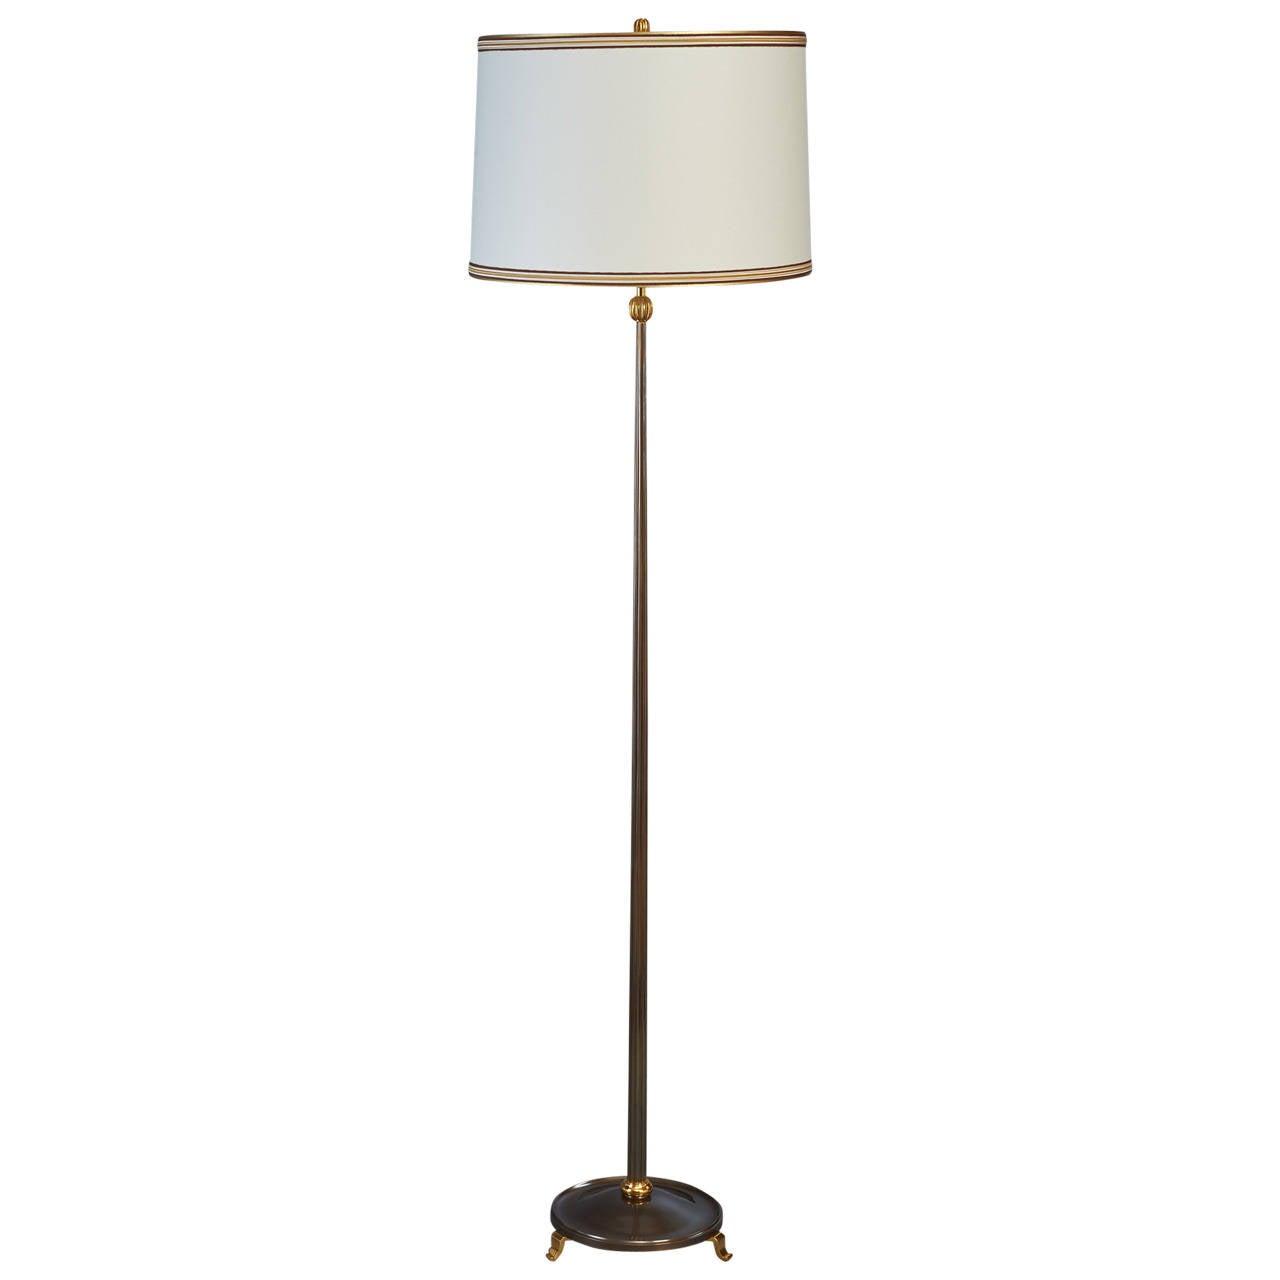 Bronze delisle 1950s floor lamp at 1stdibs for 1950s floor lamps